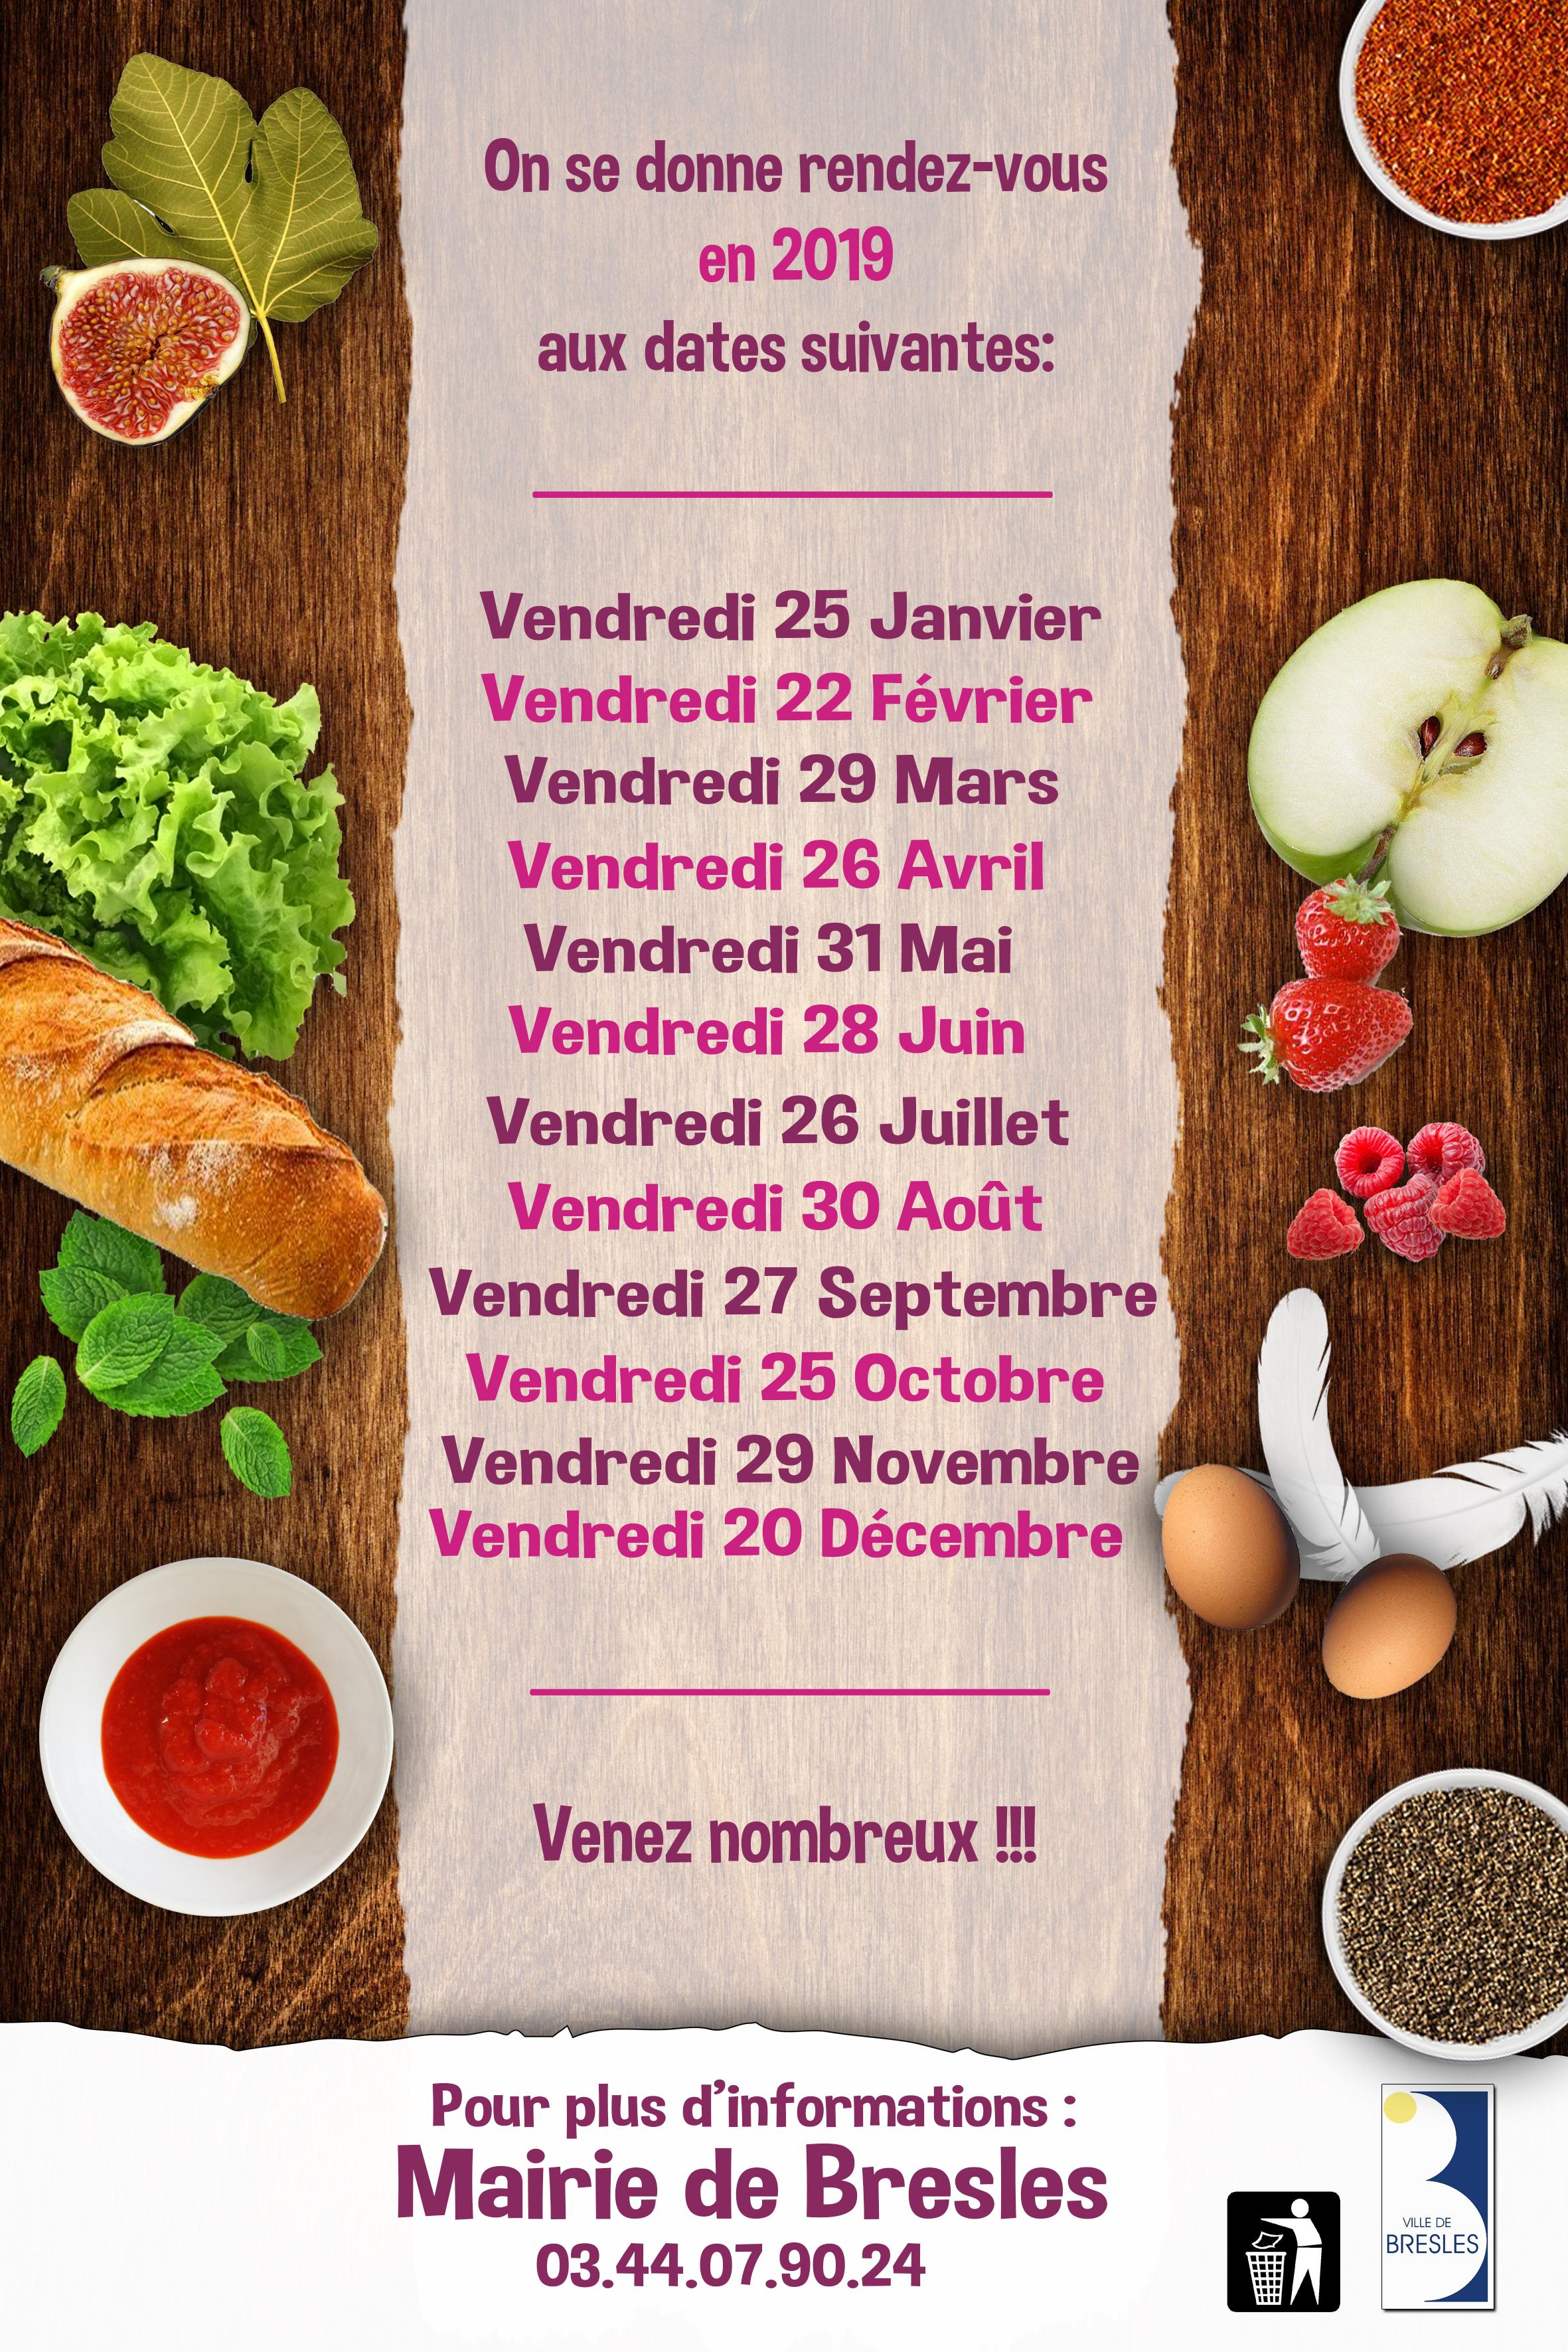 Dates du marché des saveurs 2019, crédit photo : Mairie de Bresles